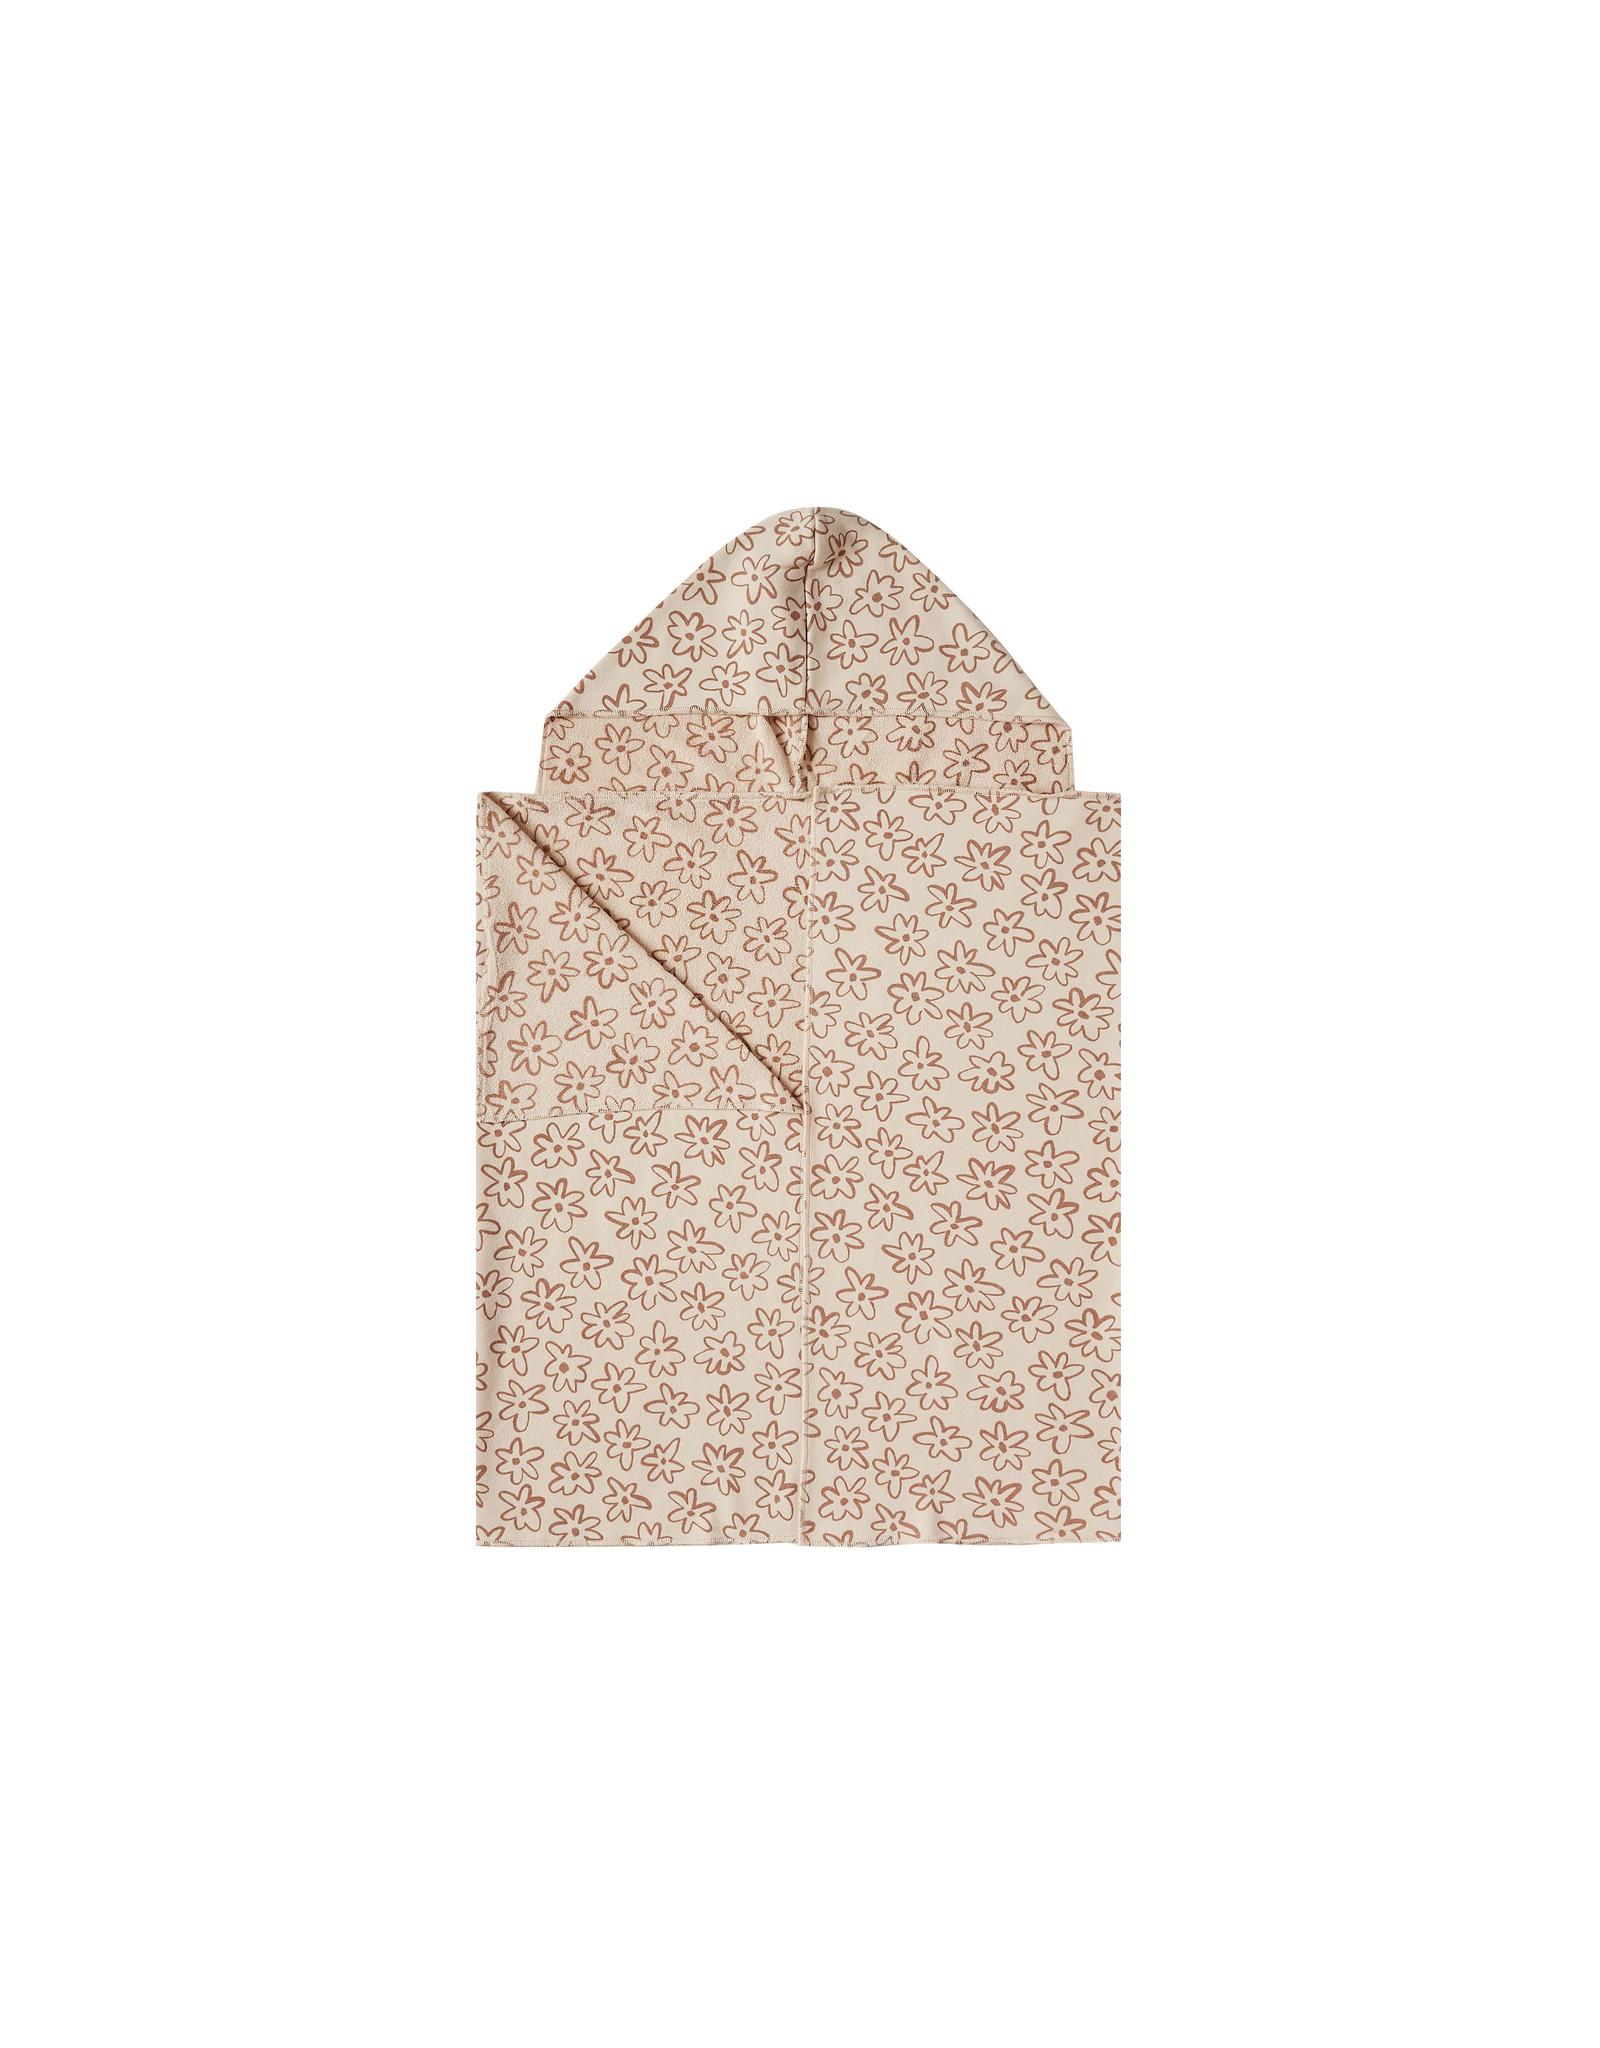 Rylee + Cru Flower Hooded Towel